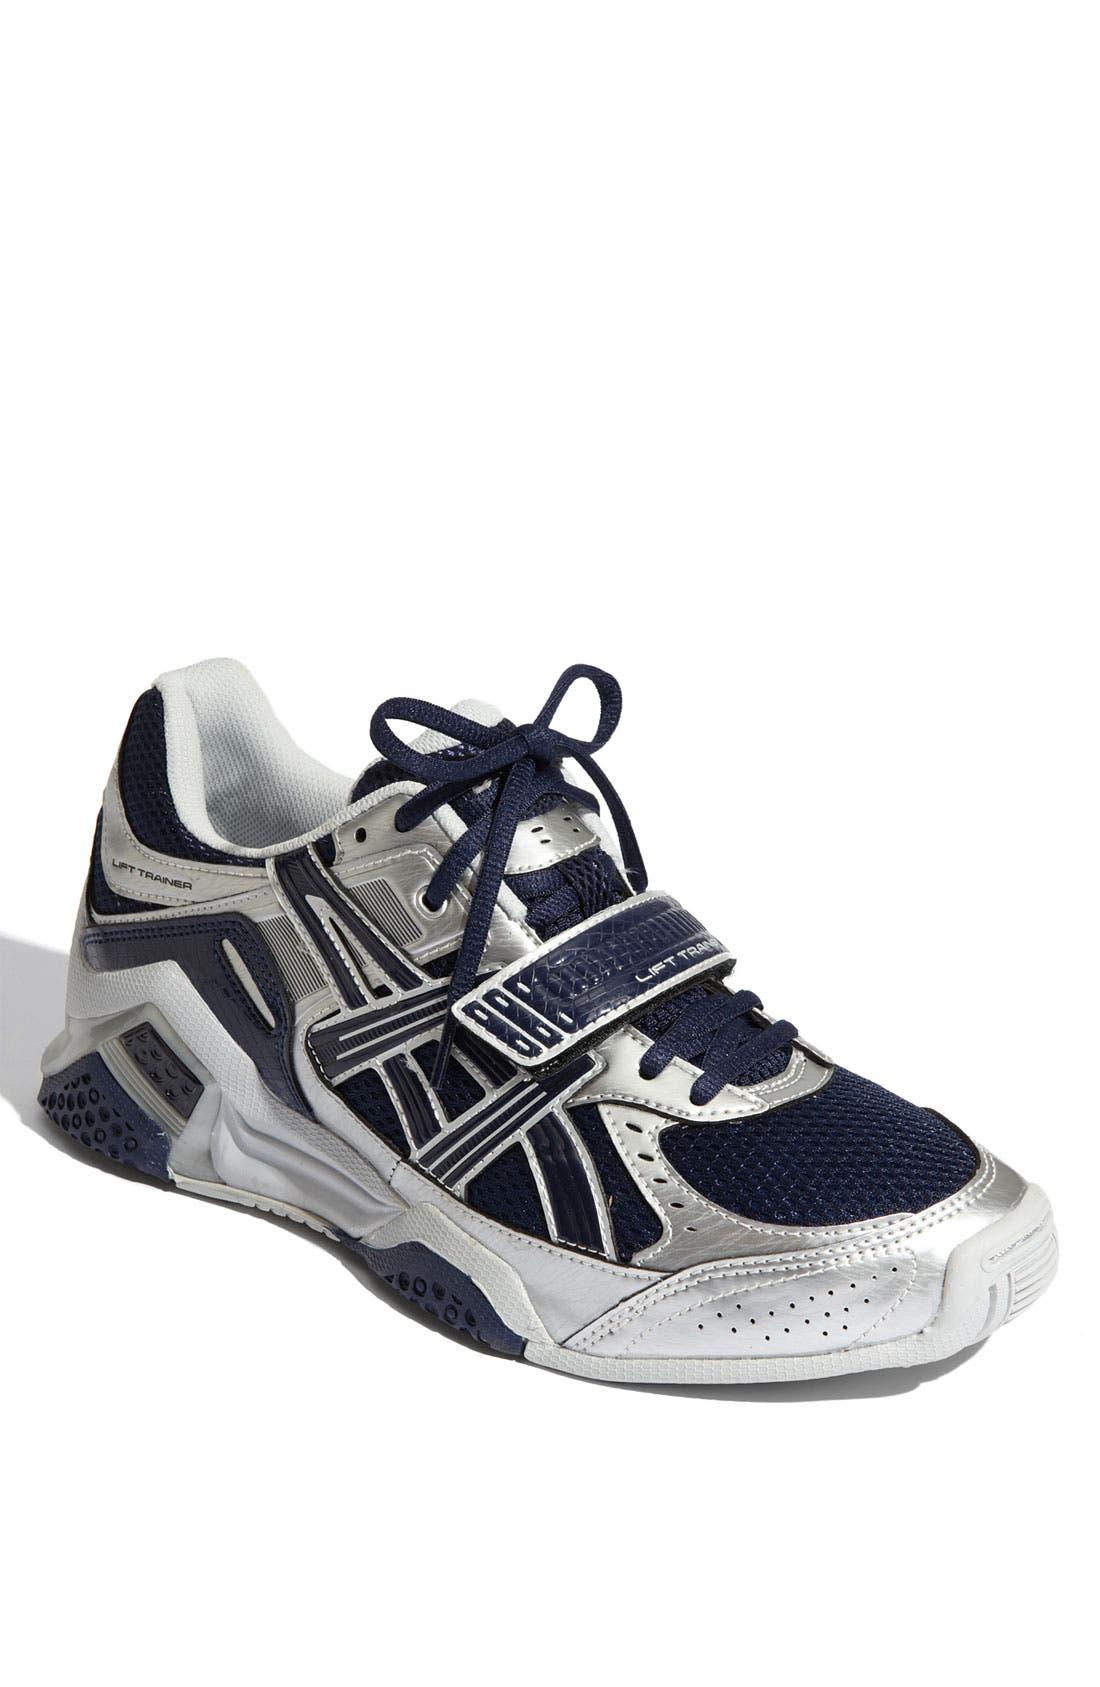 Main Image - ASICS® 'Lift Trainer' Training Shoe